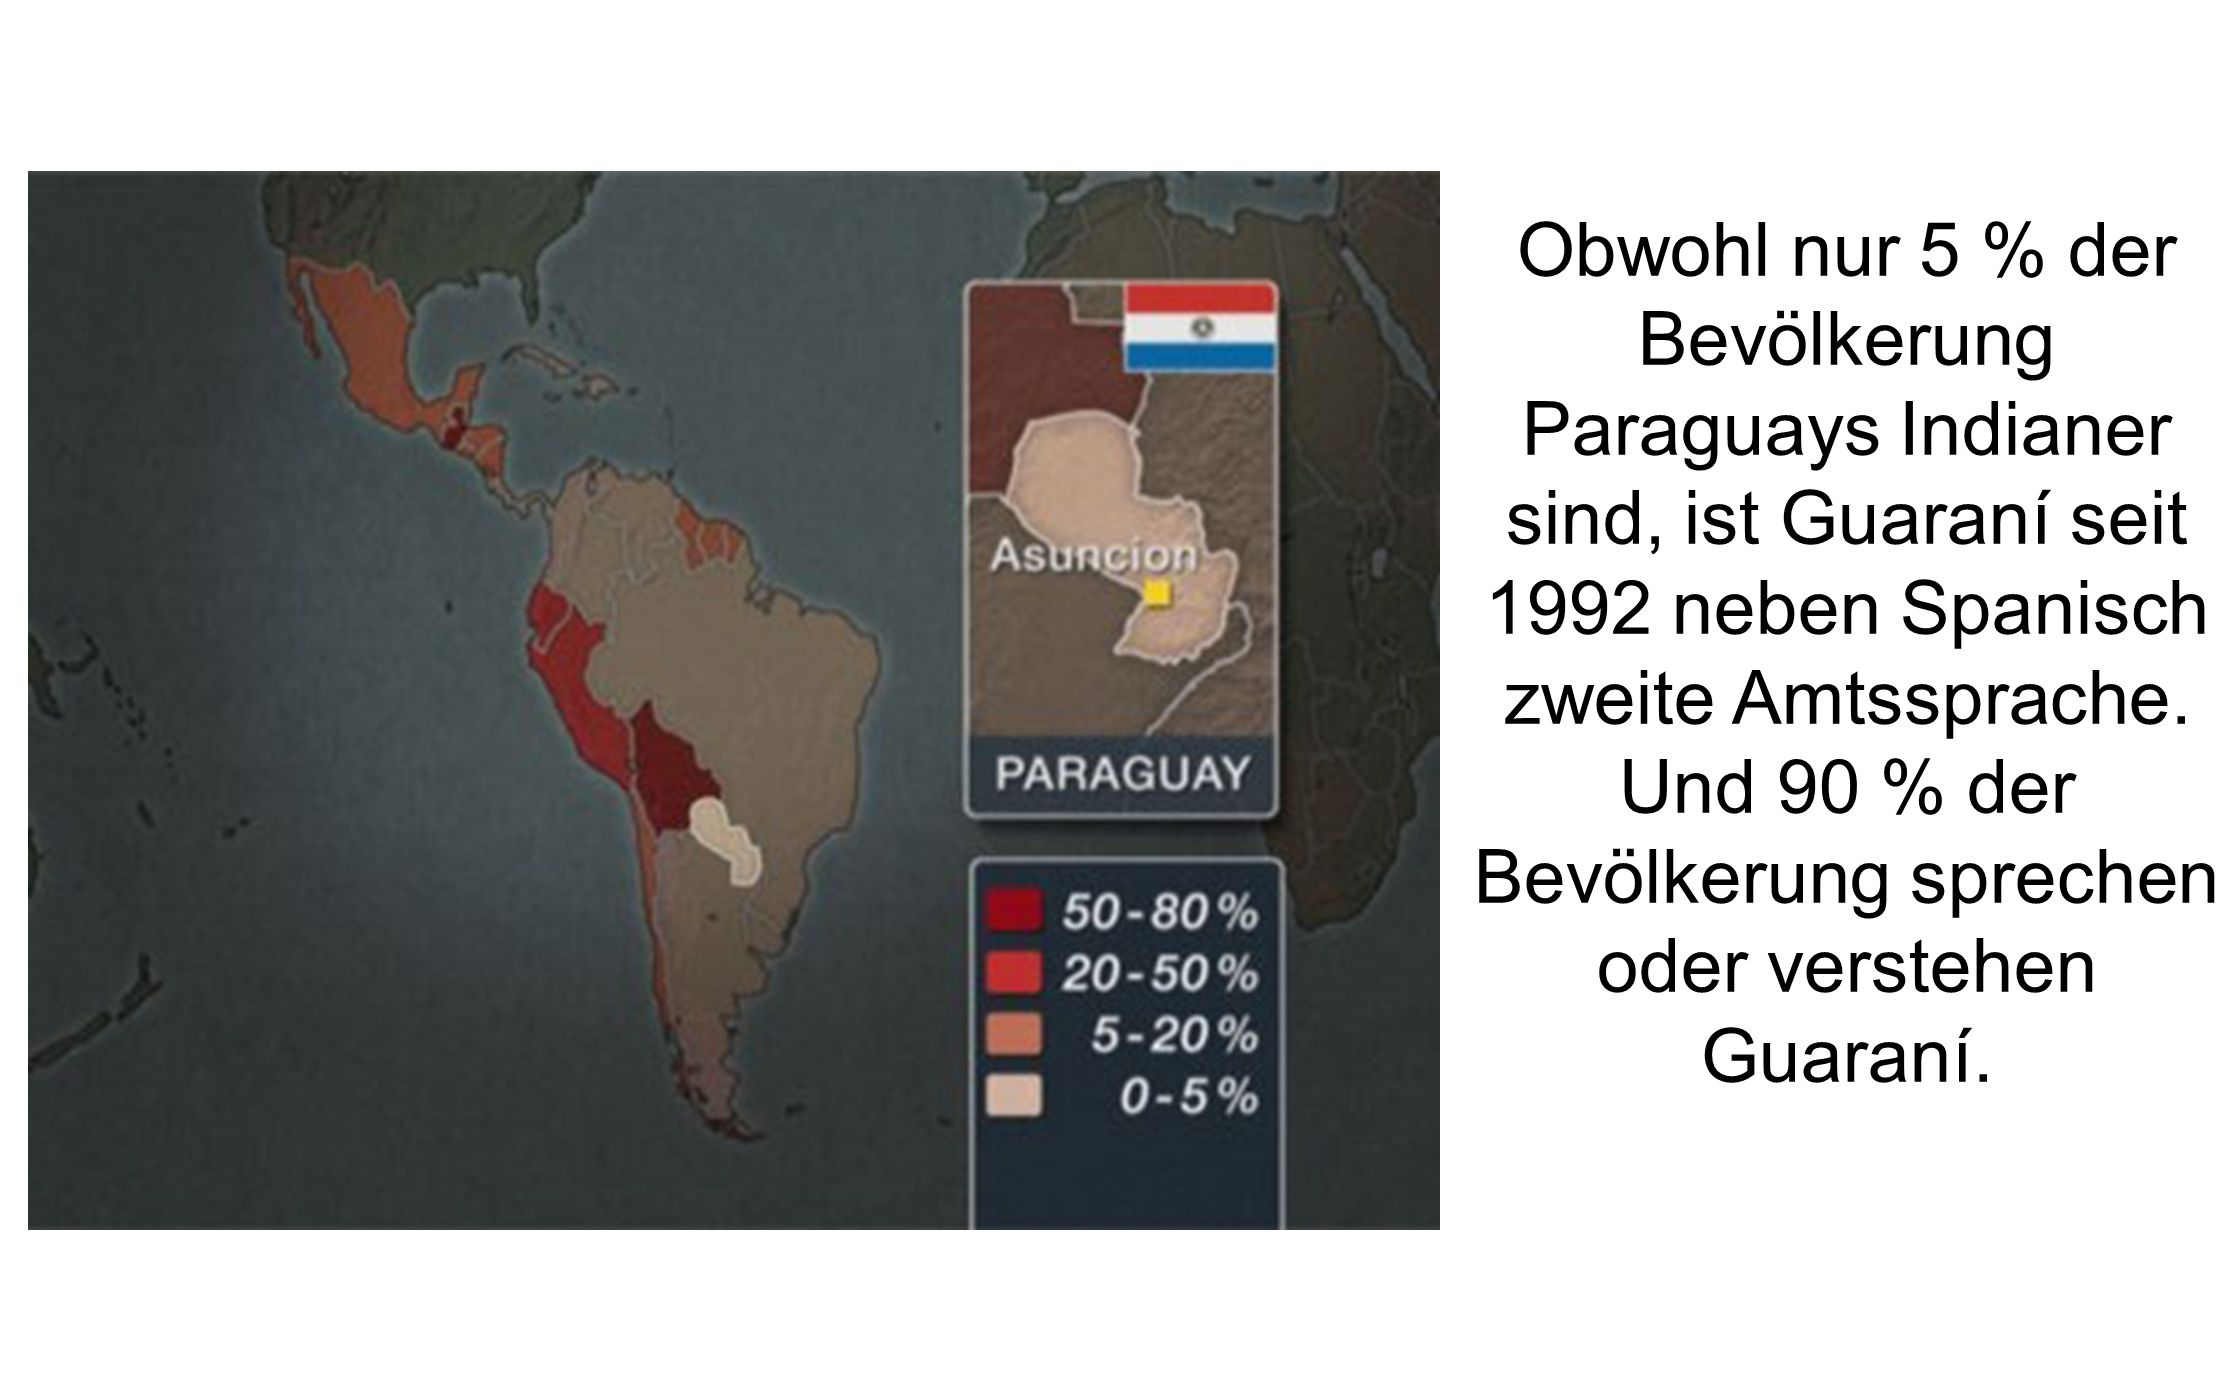 Obwohl nur 5 % der Bevölkerung Paraguays Indianer sind, ist Guaraní seit 1992 neben Spanisch zweite Amtssprache.